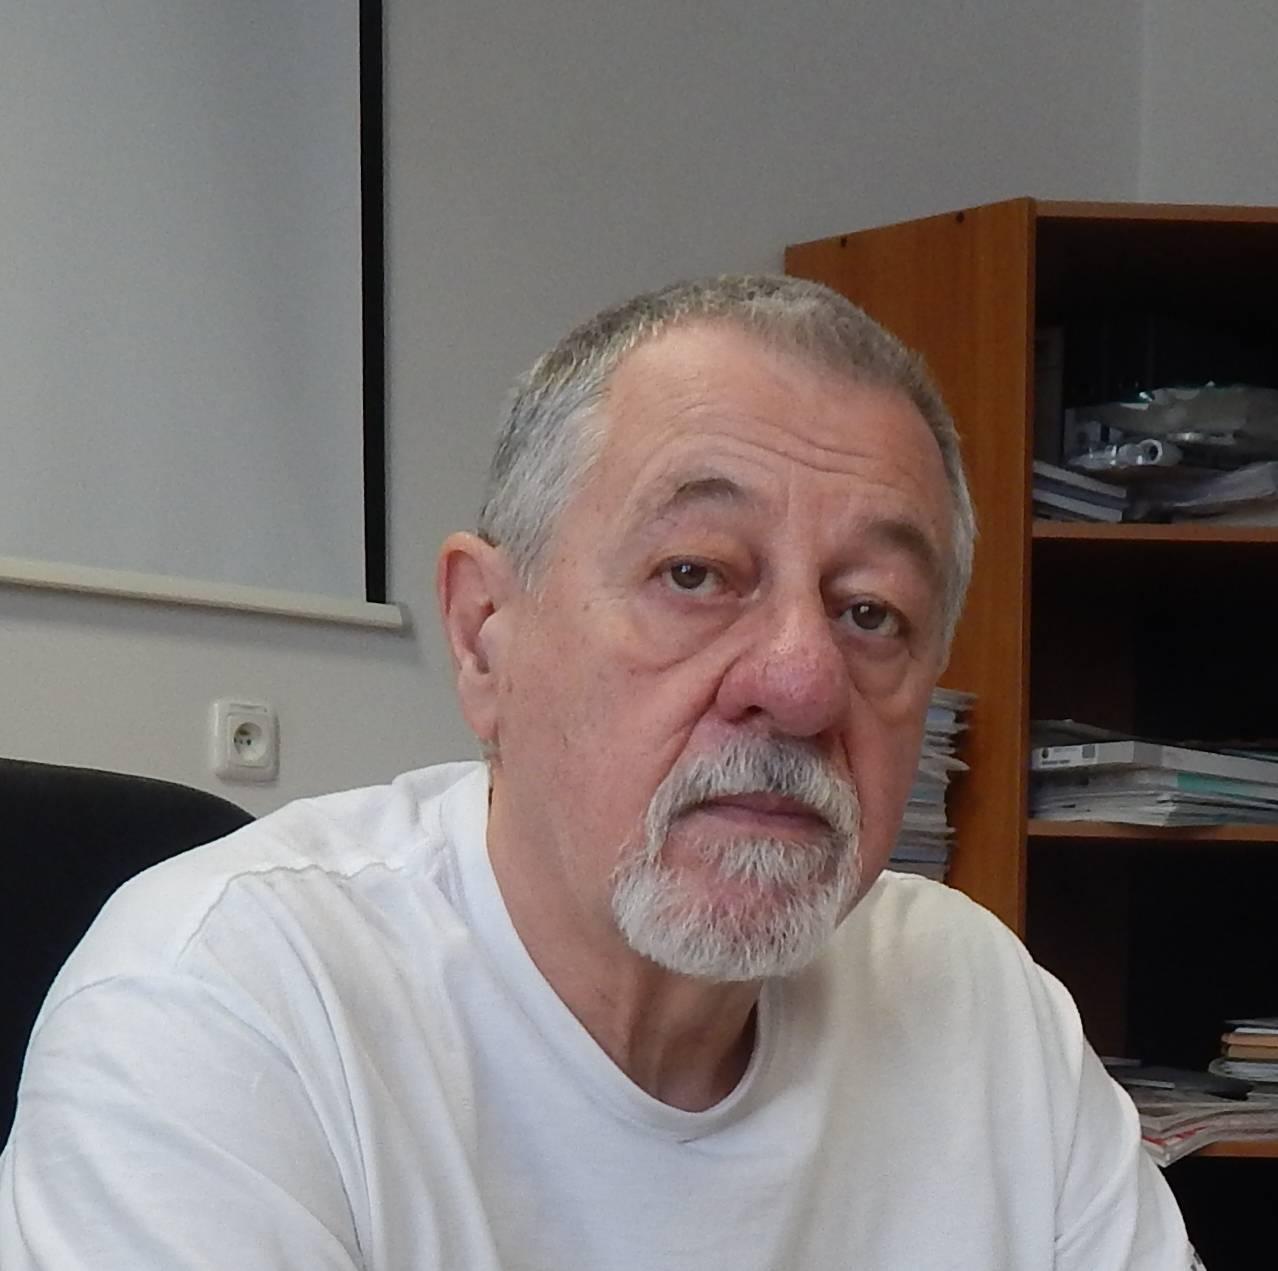 MUDr. Jan Kelbl